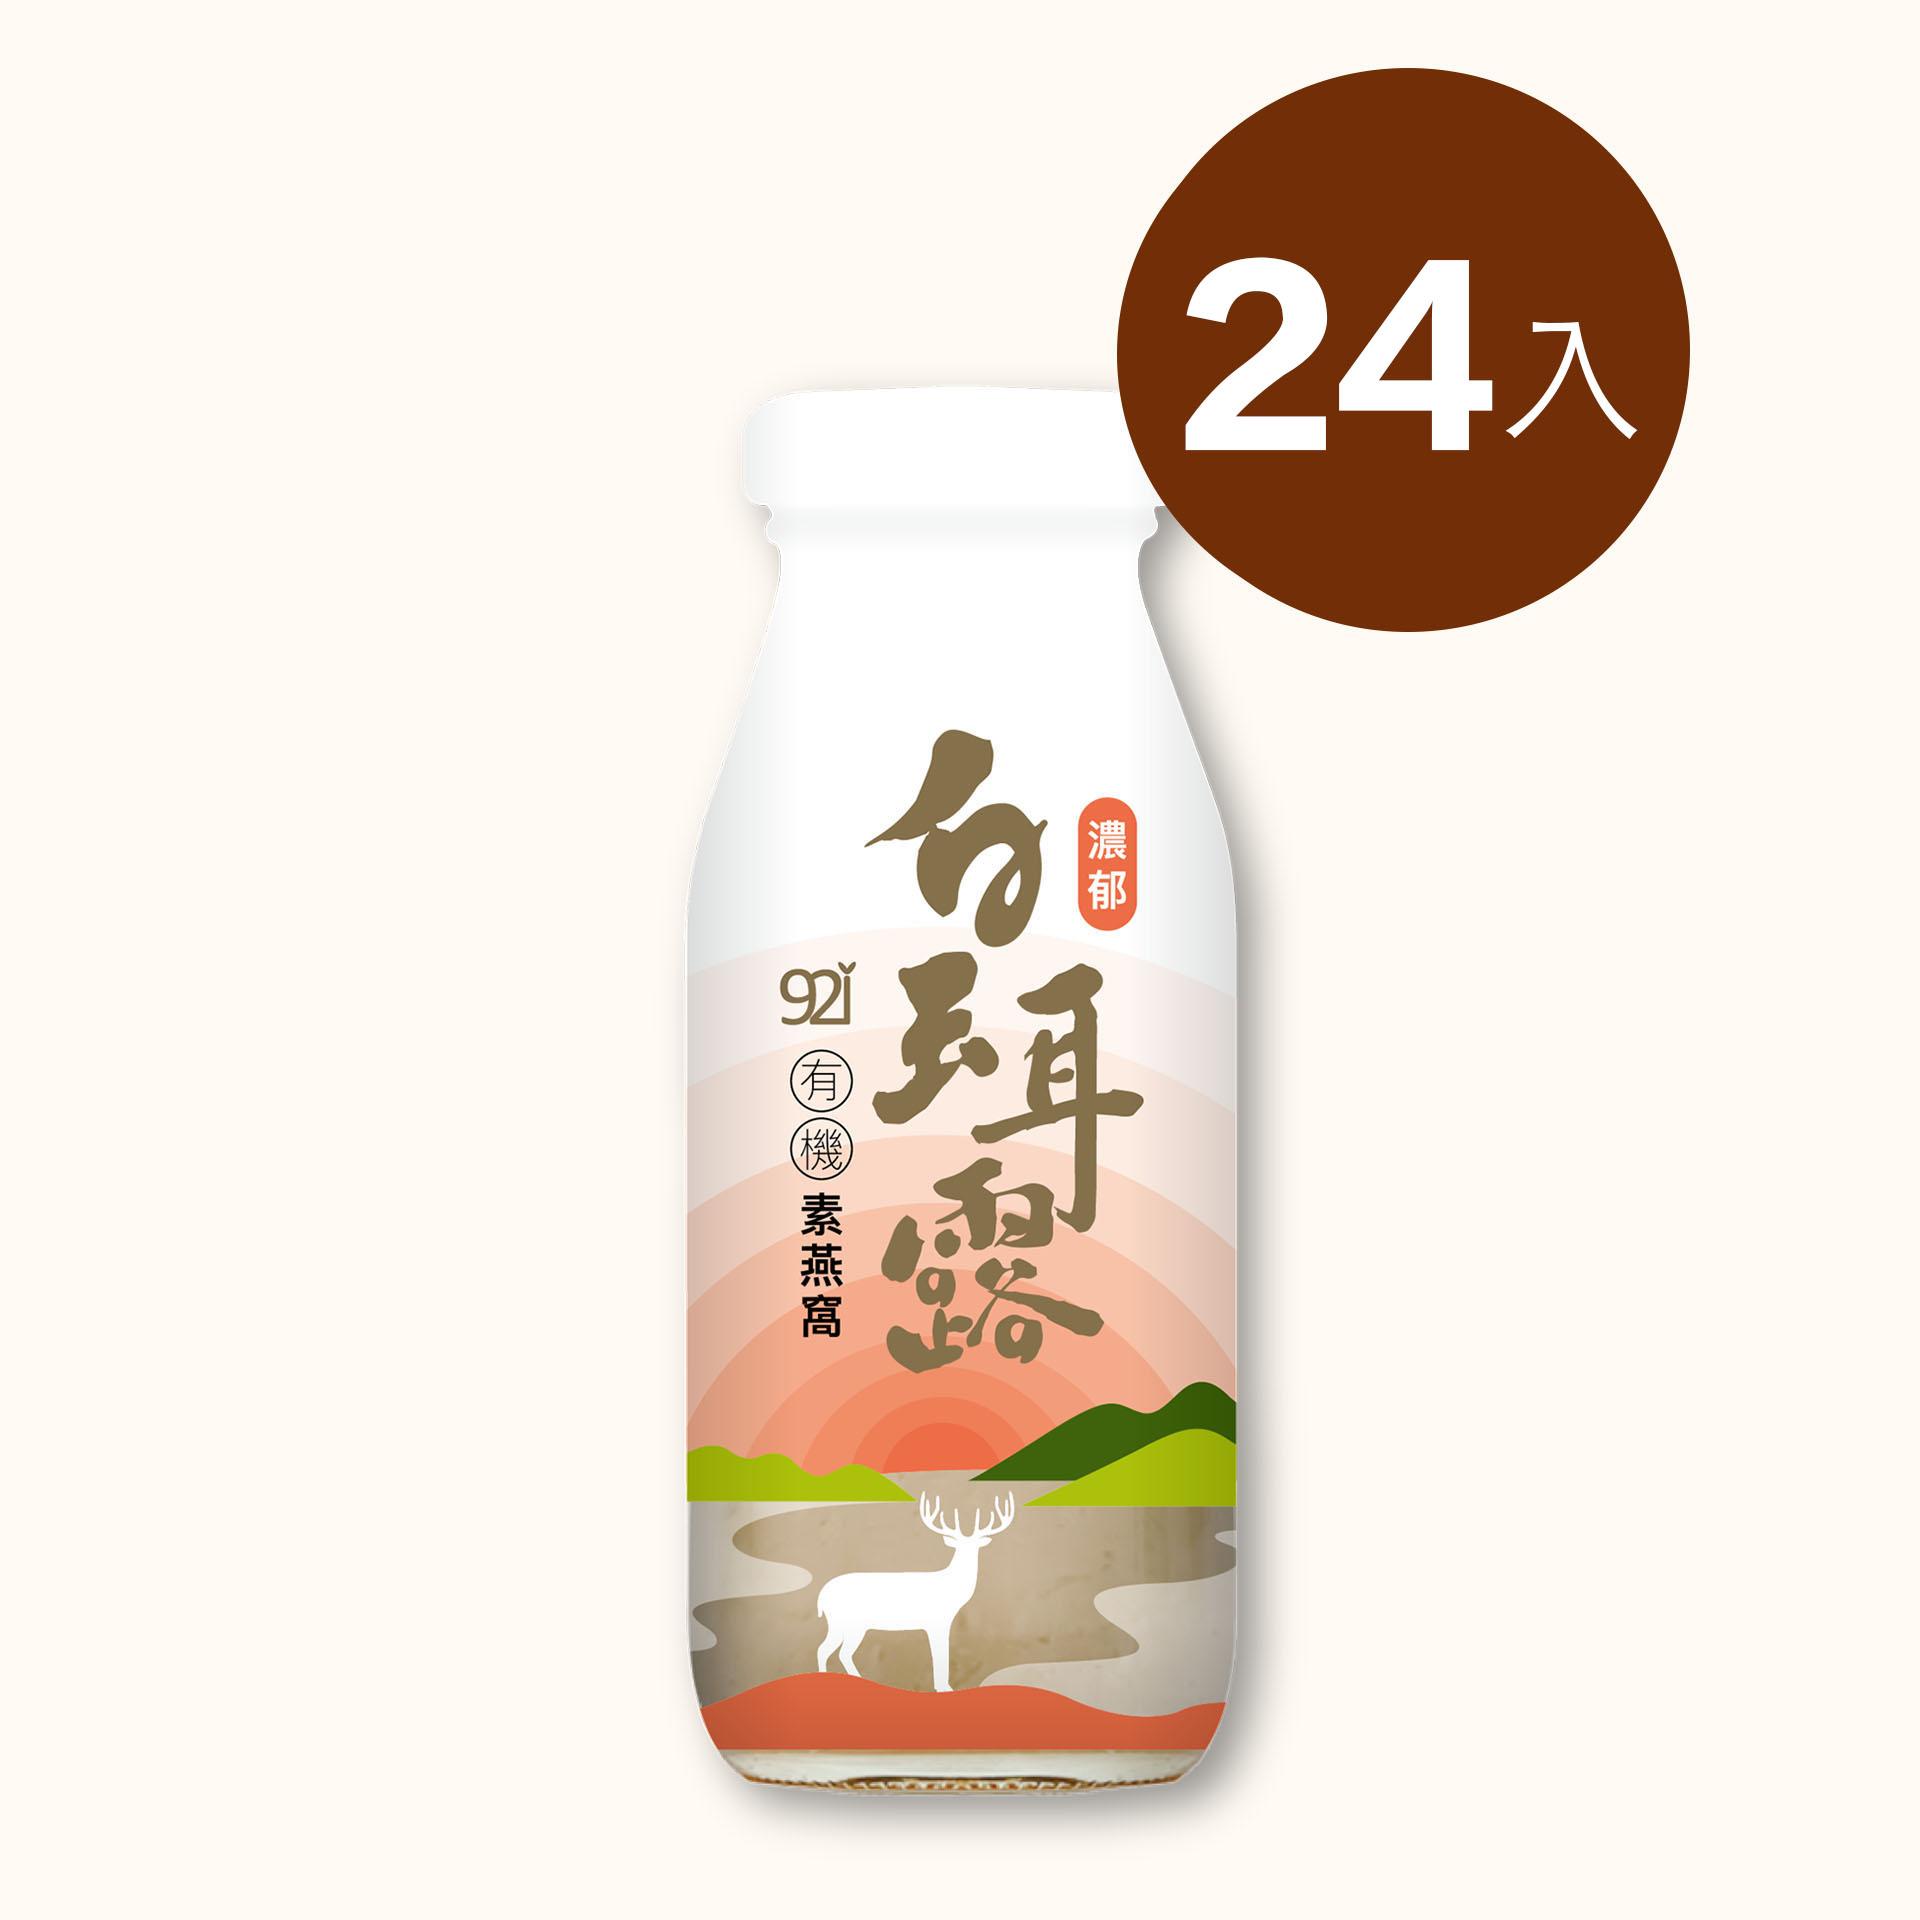 【1箱87折】山間好物有機白玉耳露(濃郁)24瓶